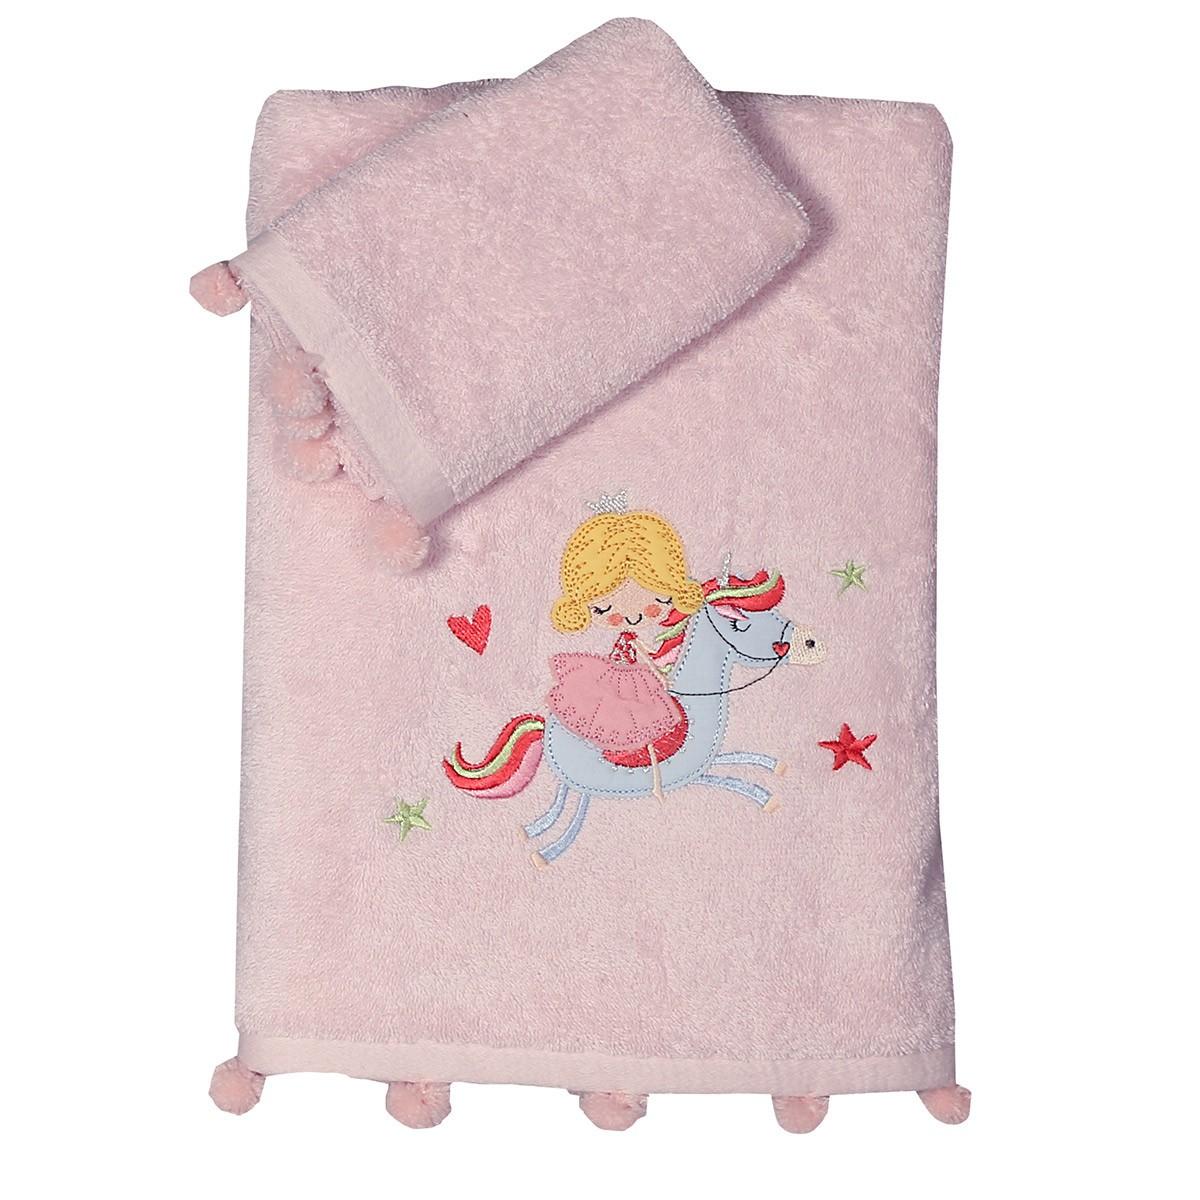 Παιδικές Πετσέτες (Σετ 2τμχ) Nef-Nef Kid Tiny Princess 89003